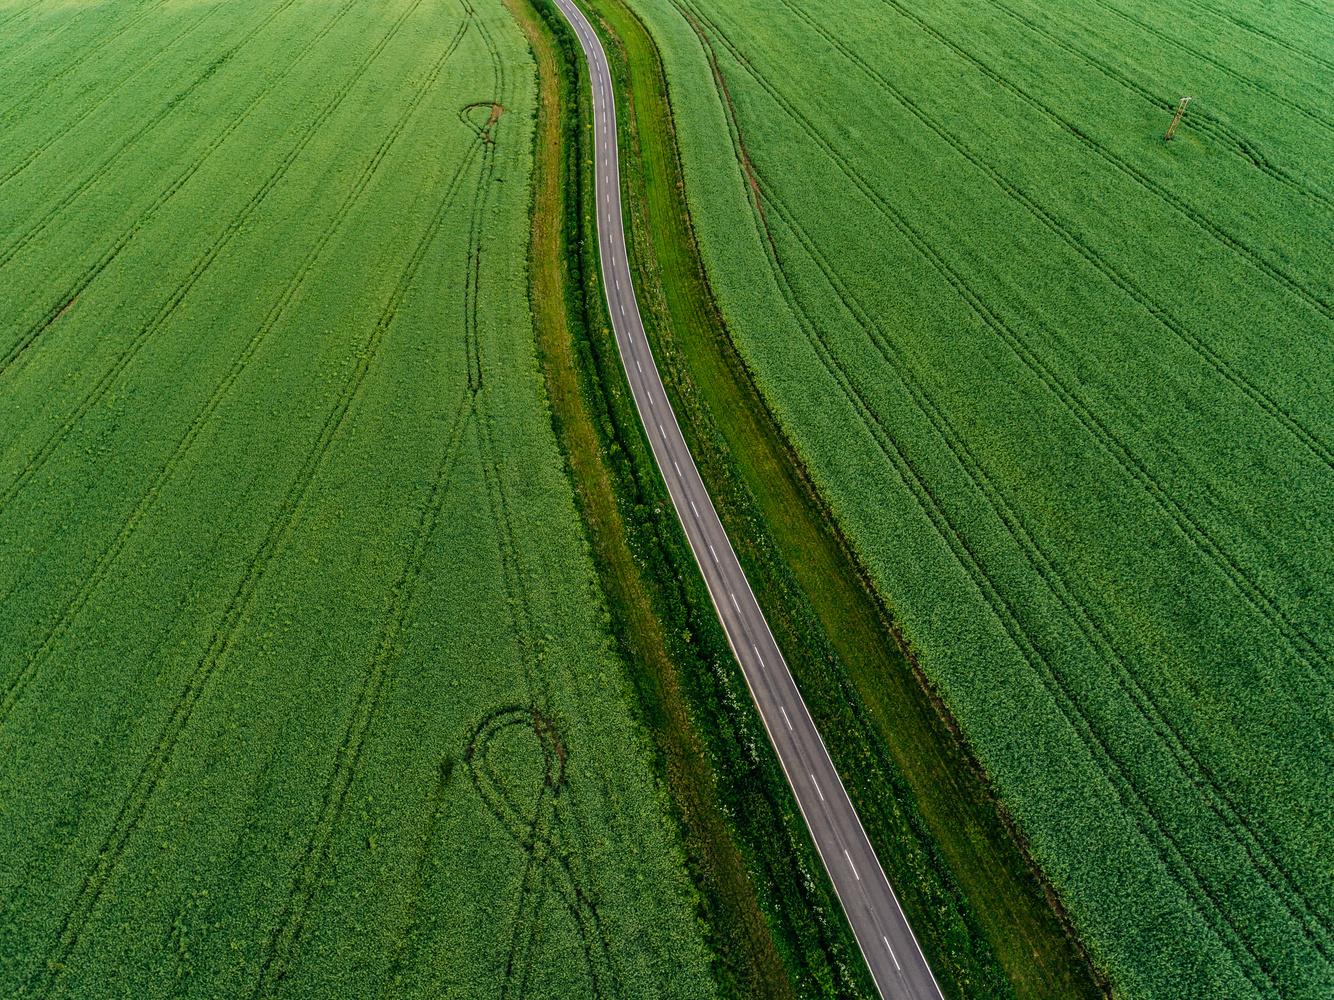 Road to nowhere by Maciek Platek